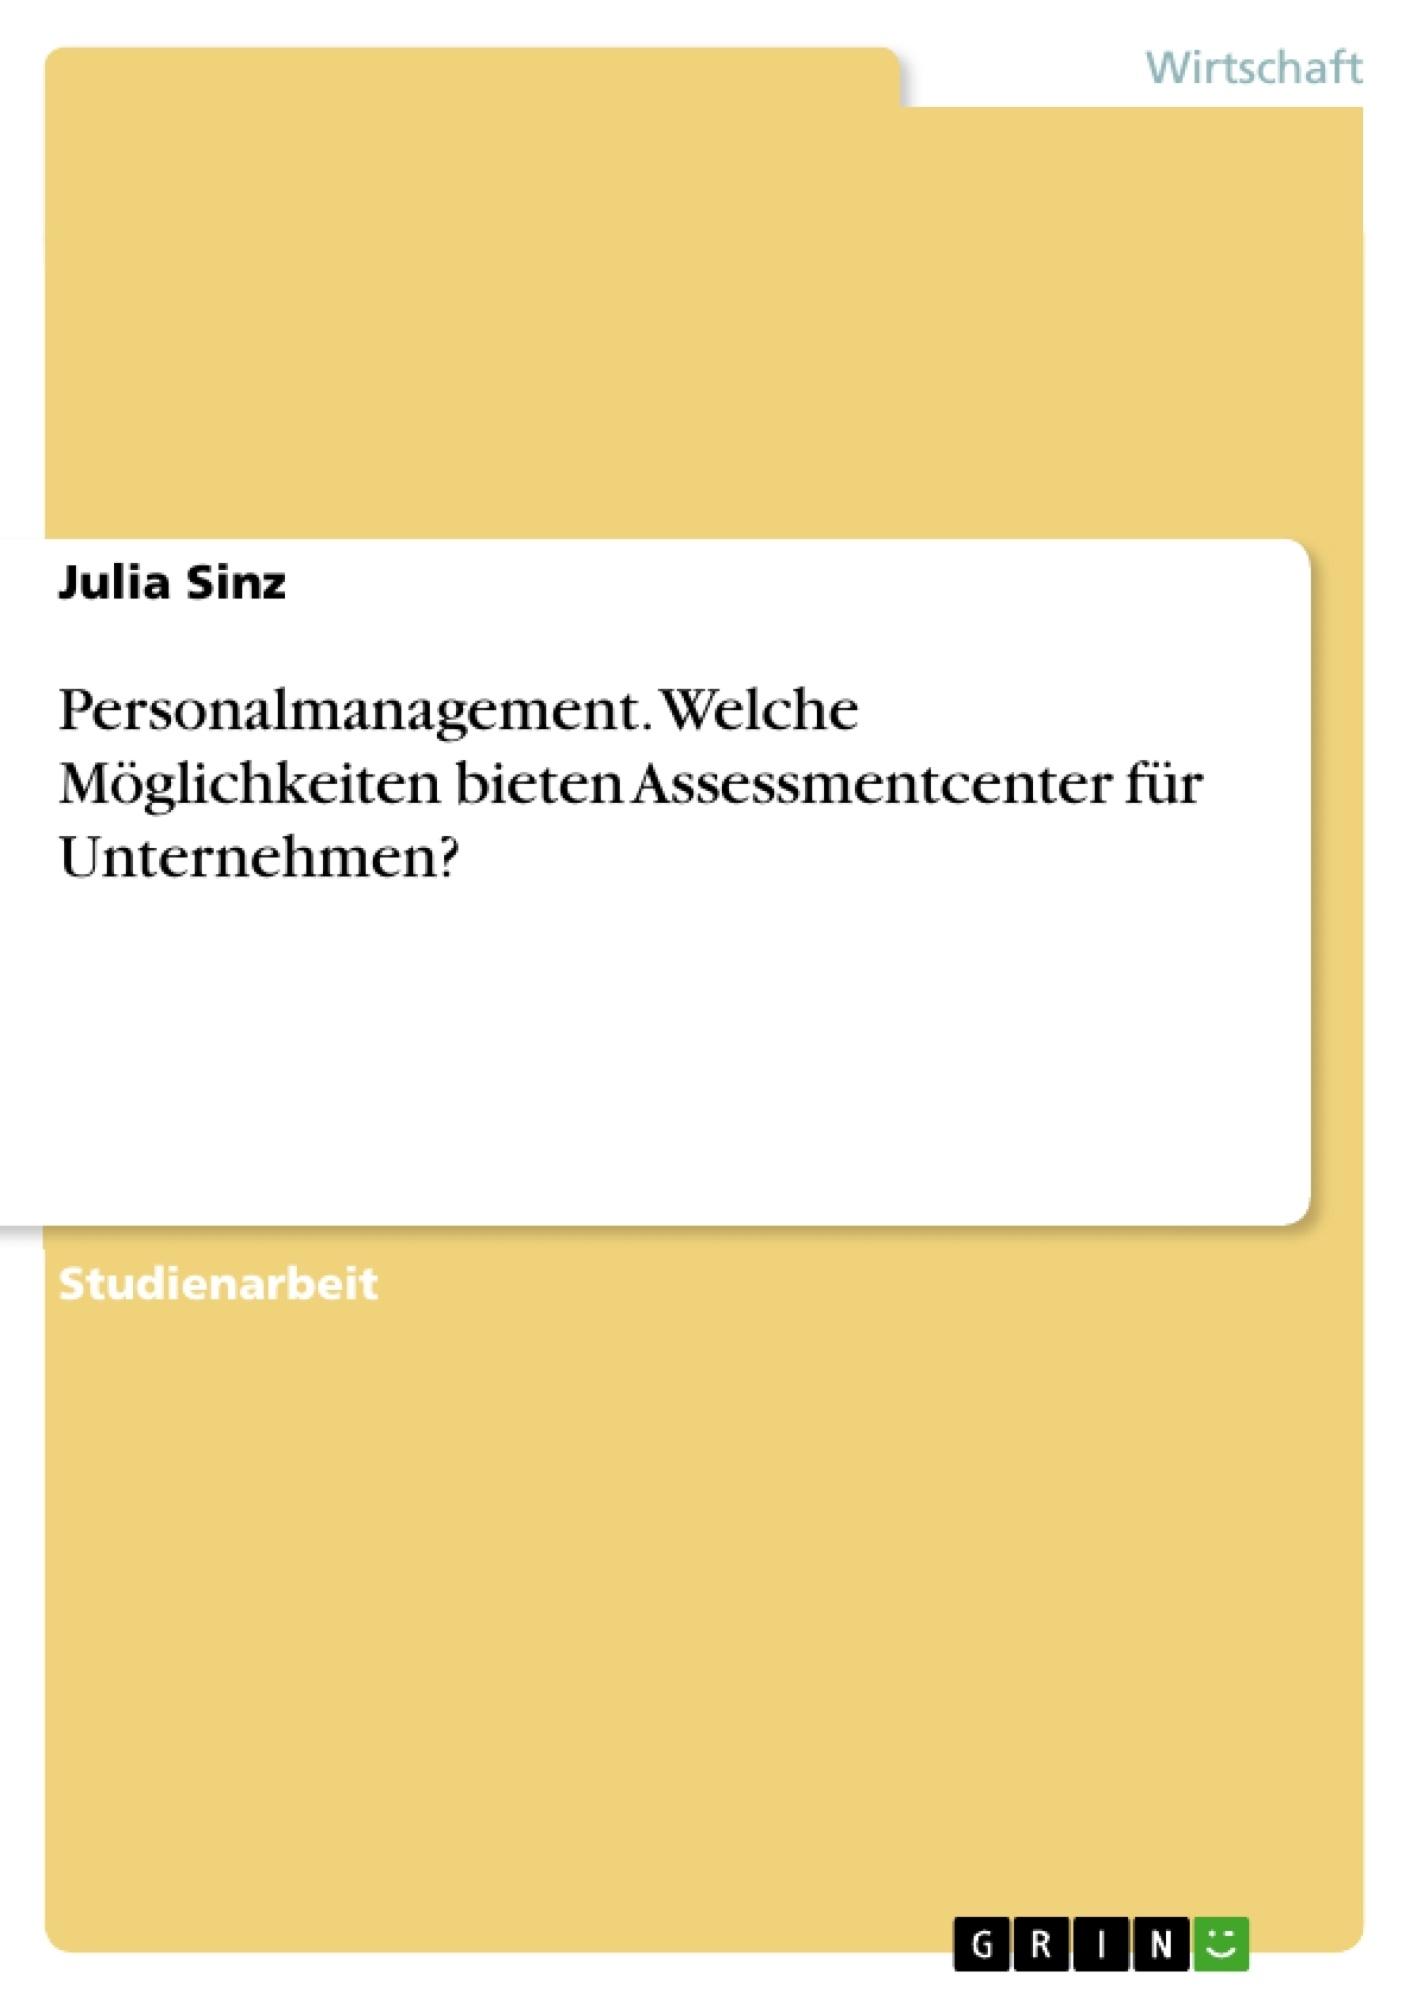 Titel: Personalmanagement. Welche Möglichkeiten bieten Assessmentcenter für Unternehmen?